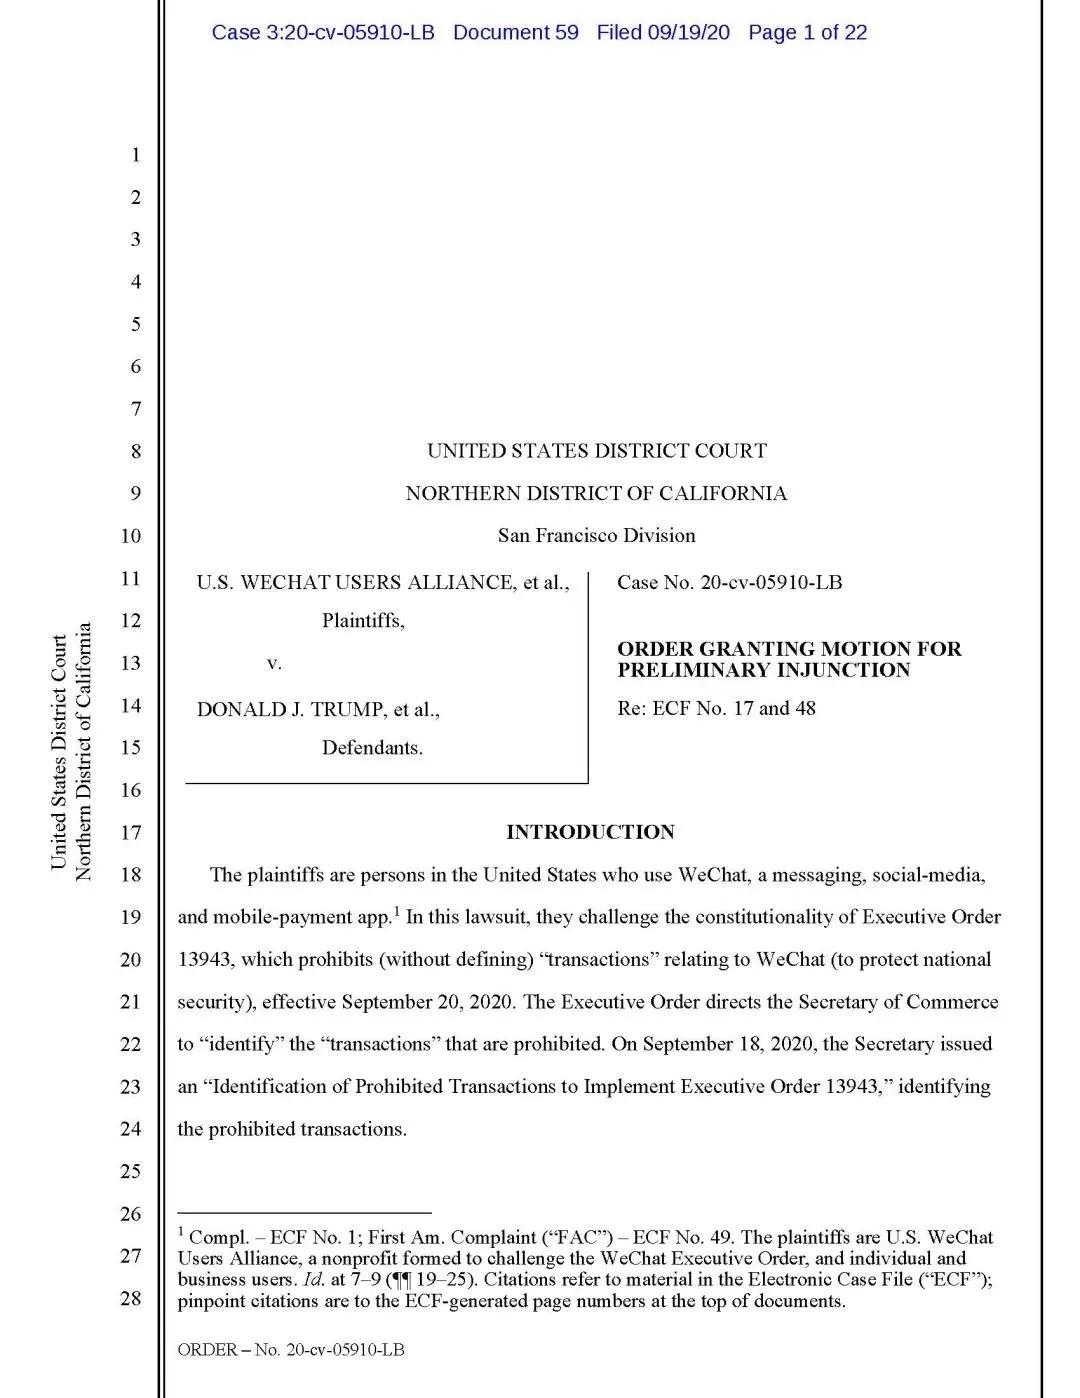 旧金山联邦法院发布的初始禁止令